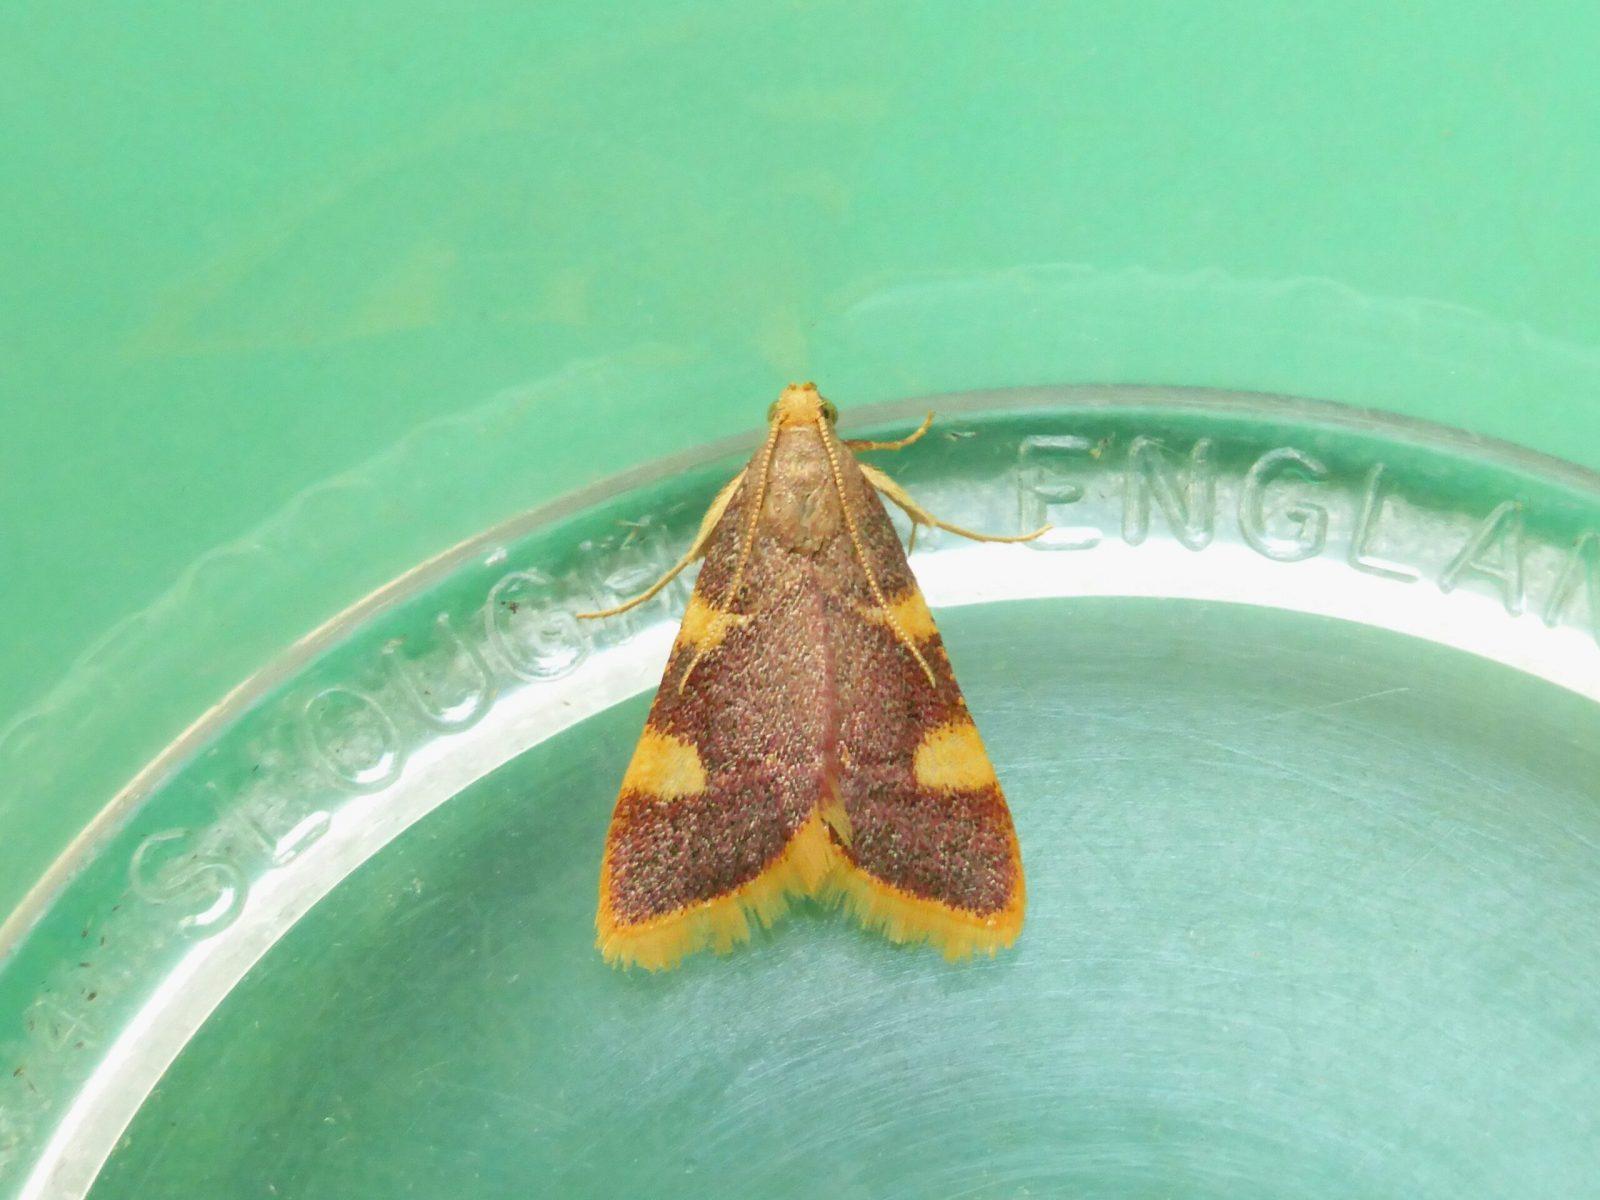 Hypsopygia costalis - Gold Triangle - Kirk Smeaton